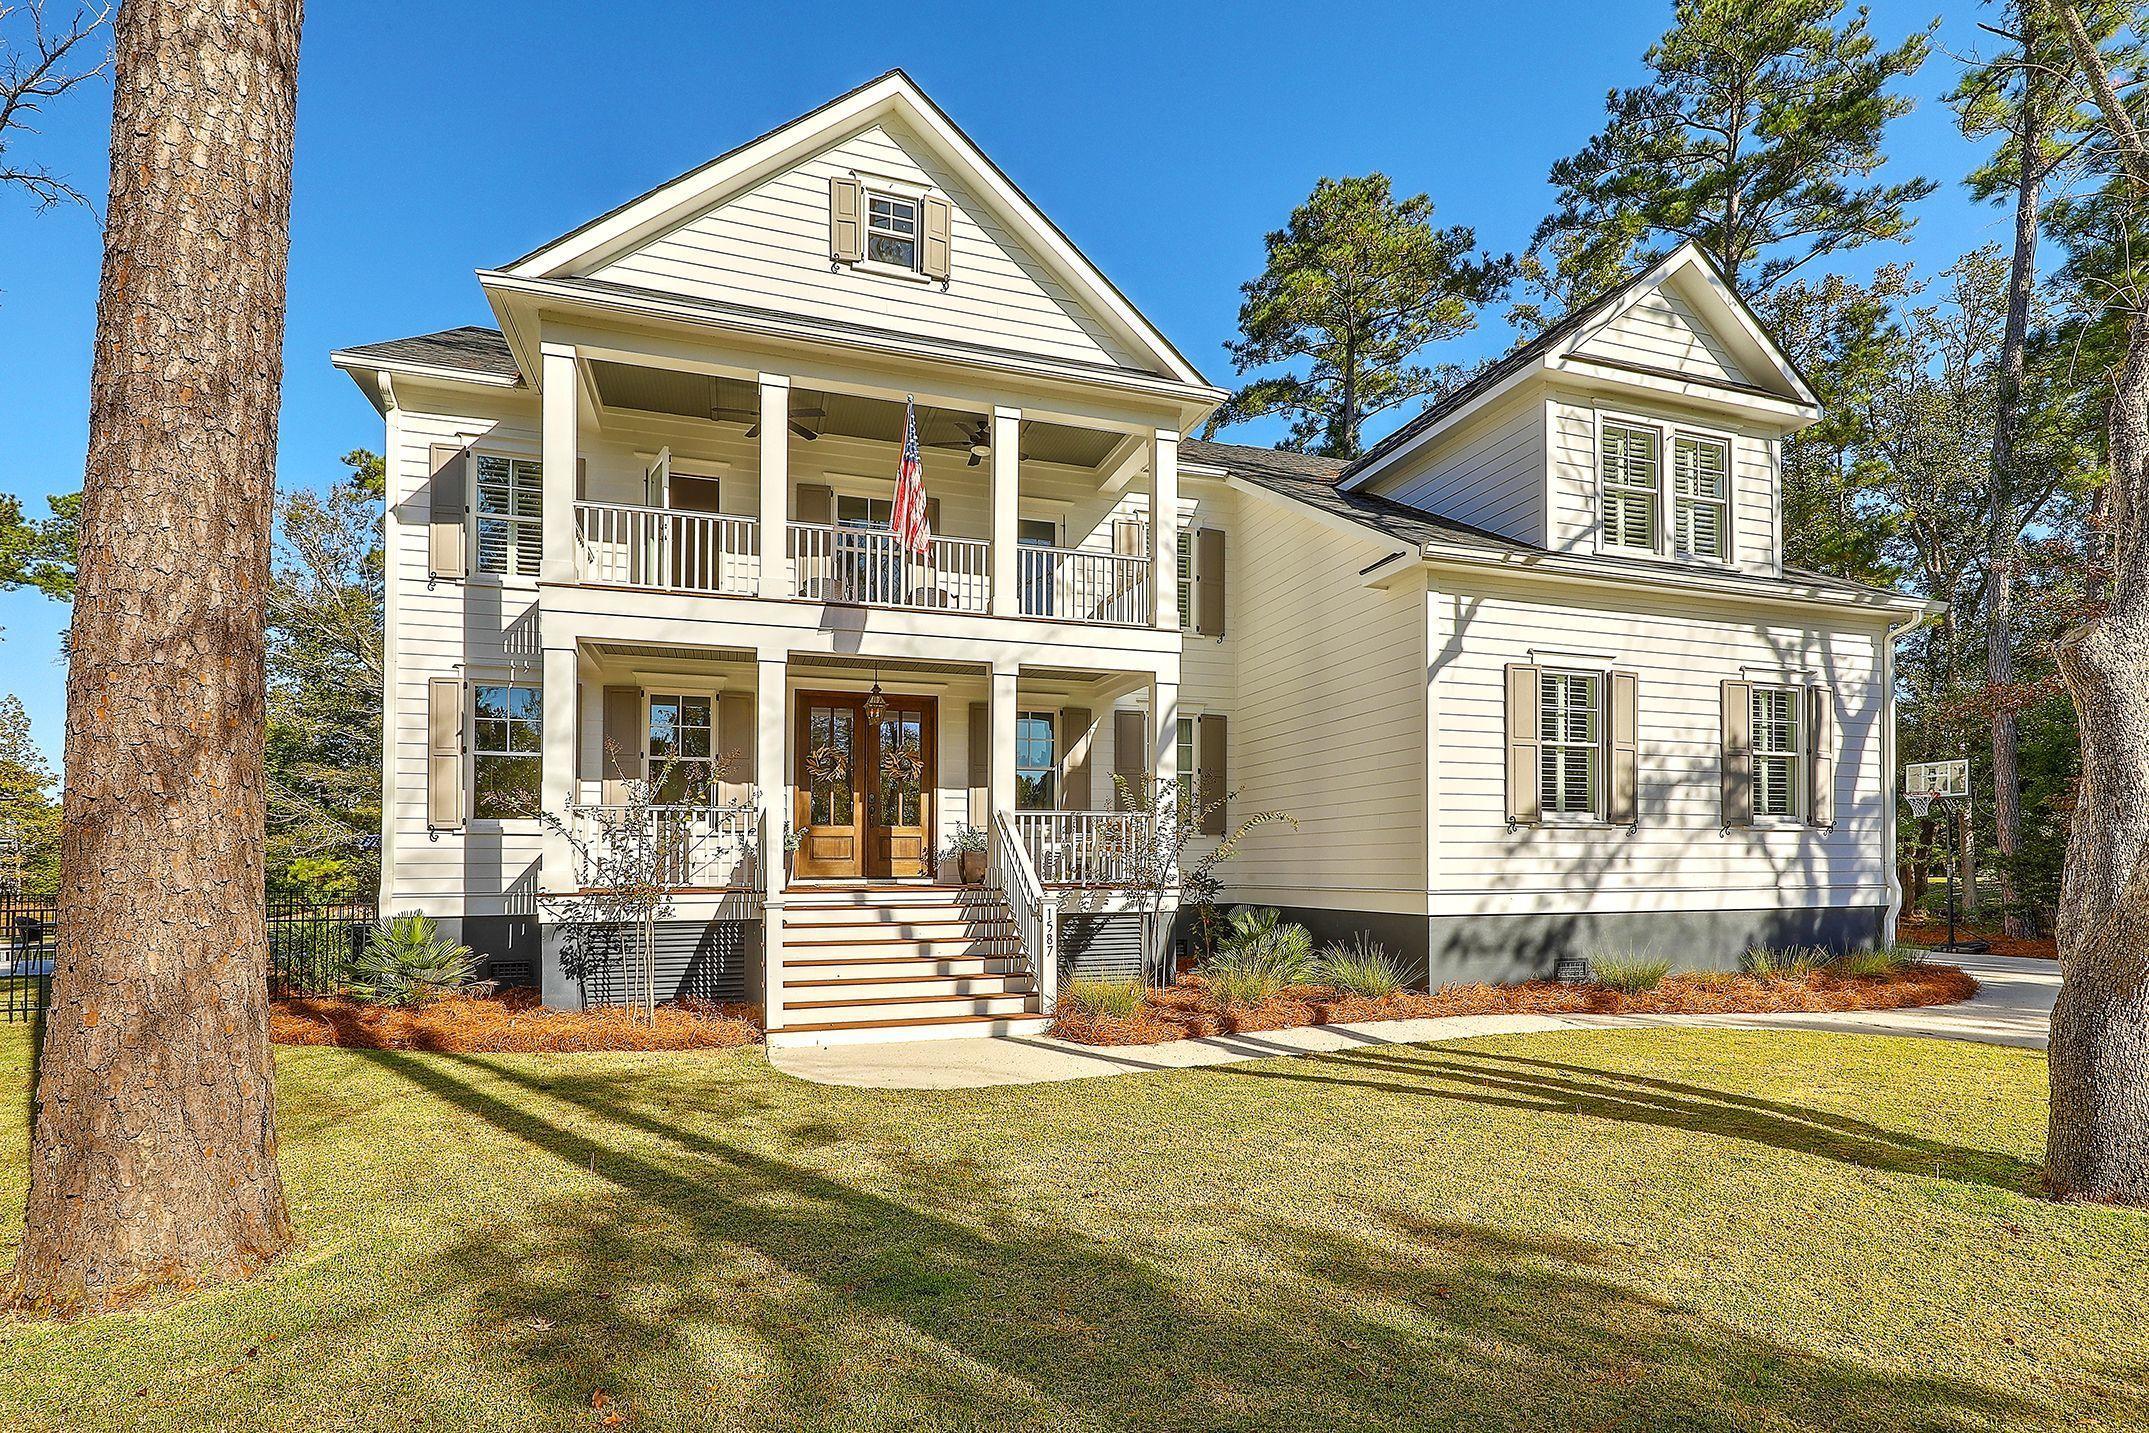 Park West Homes For Sale - 1587 Capel, Mount Pleasant, SC - 73